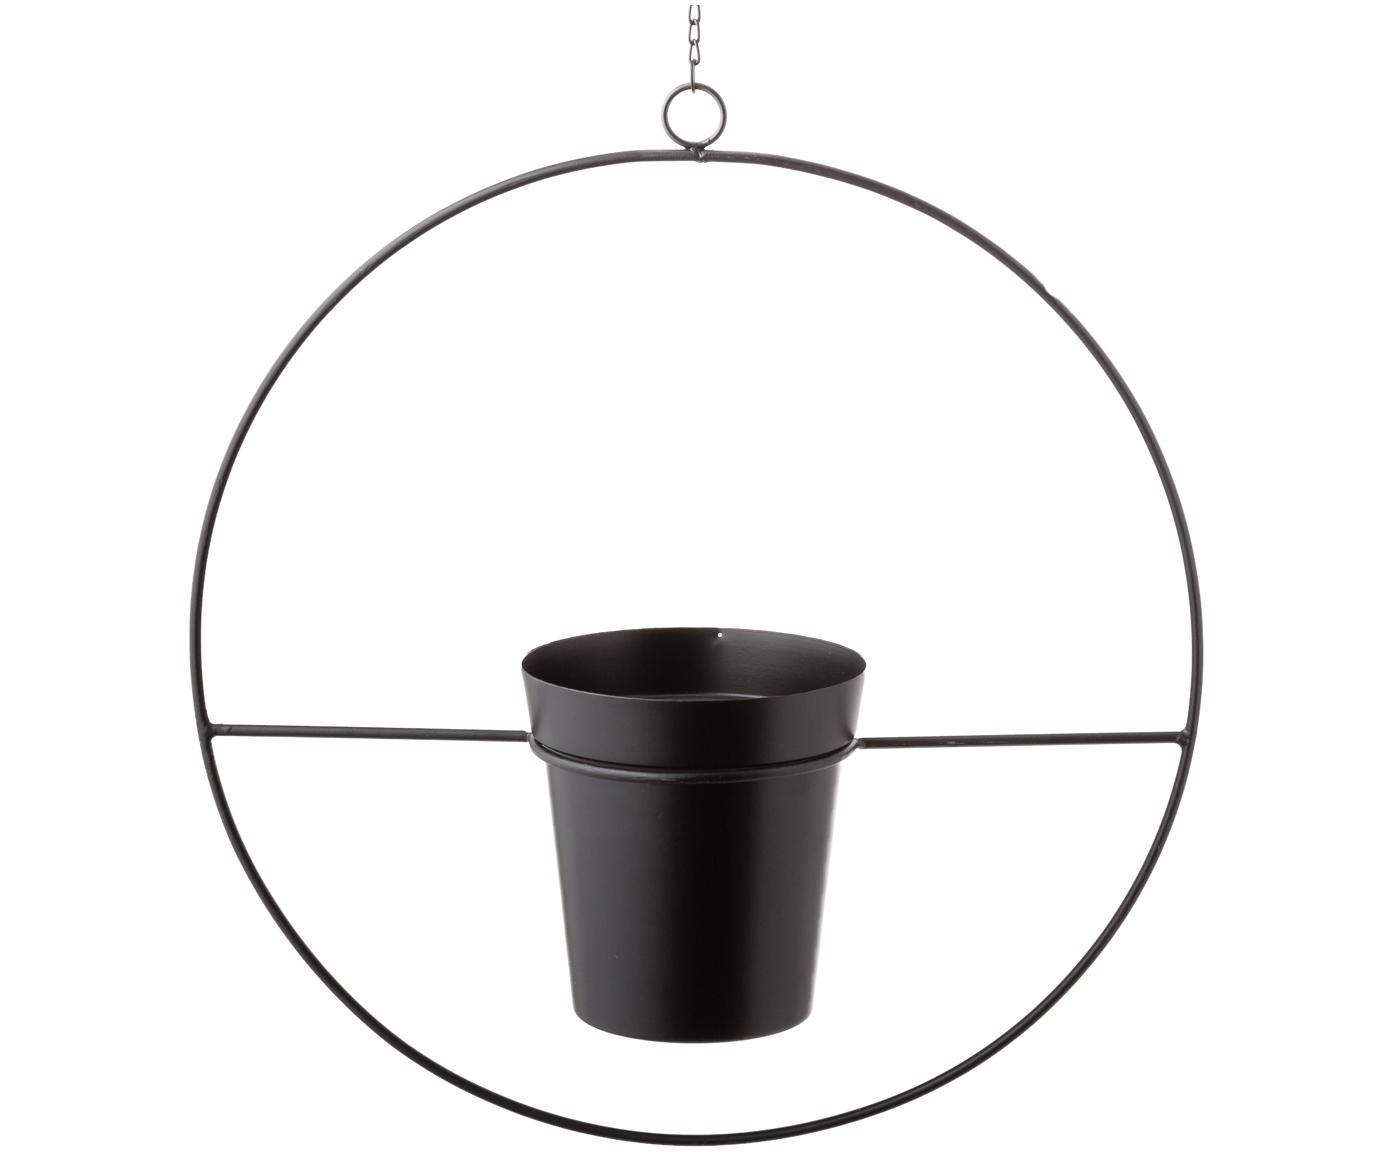 Hangende plantenpot Undine, Gelakt metaal, Zwart, 40 x 43 cm